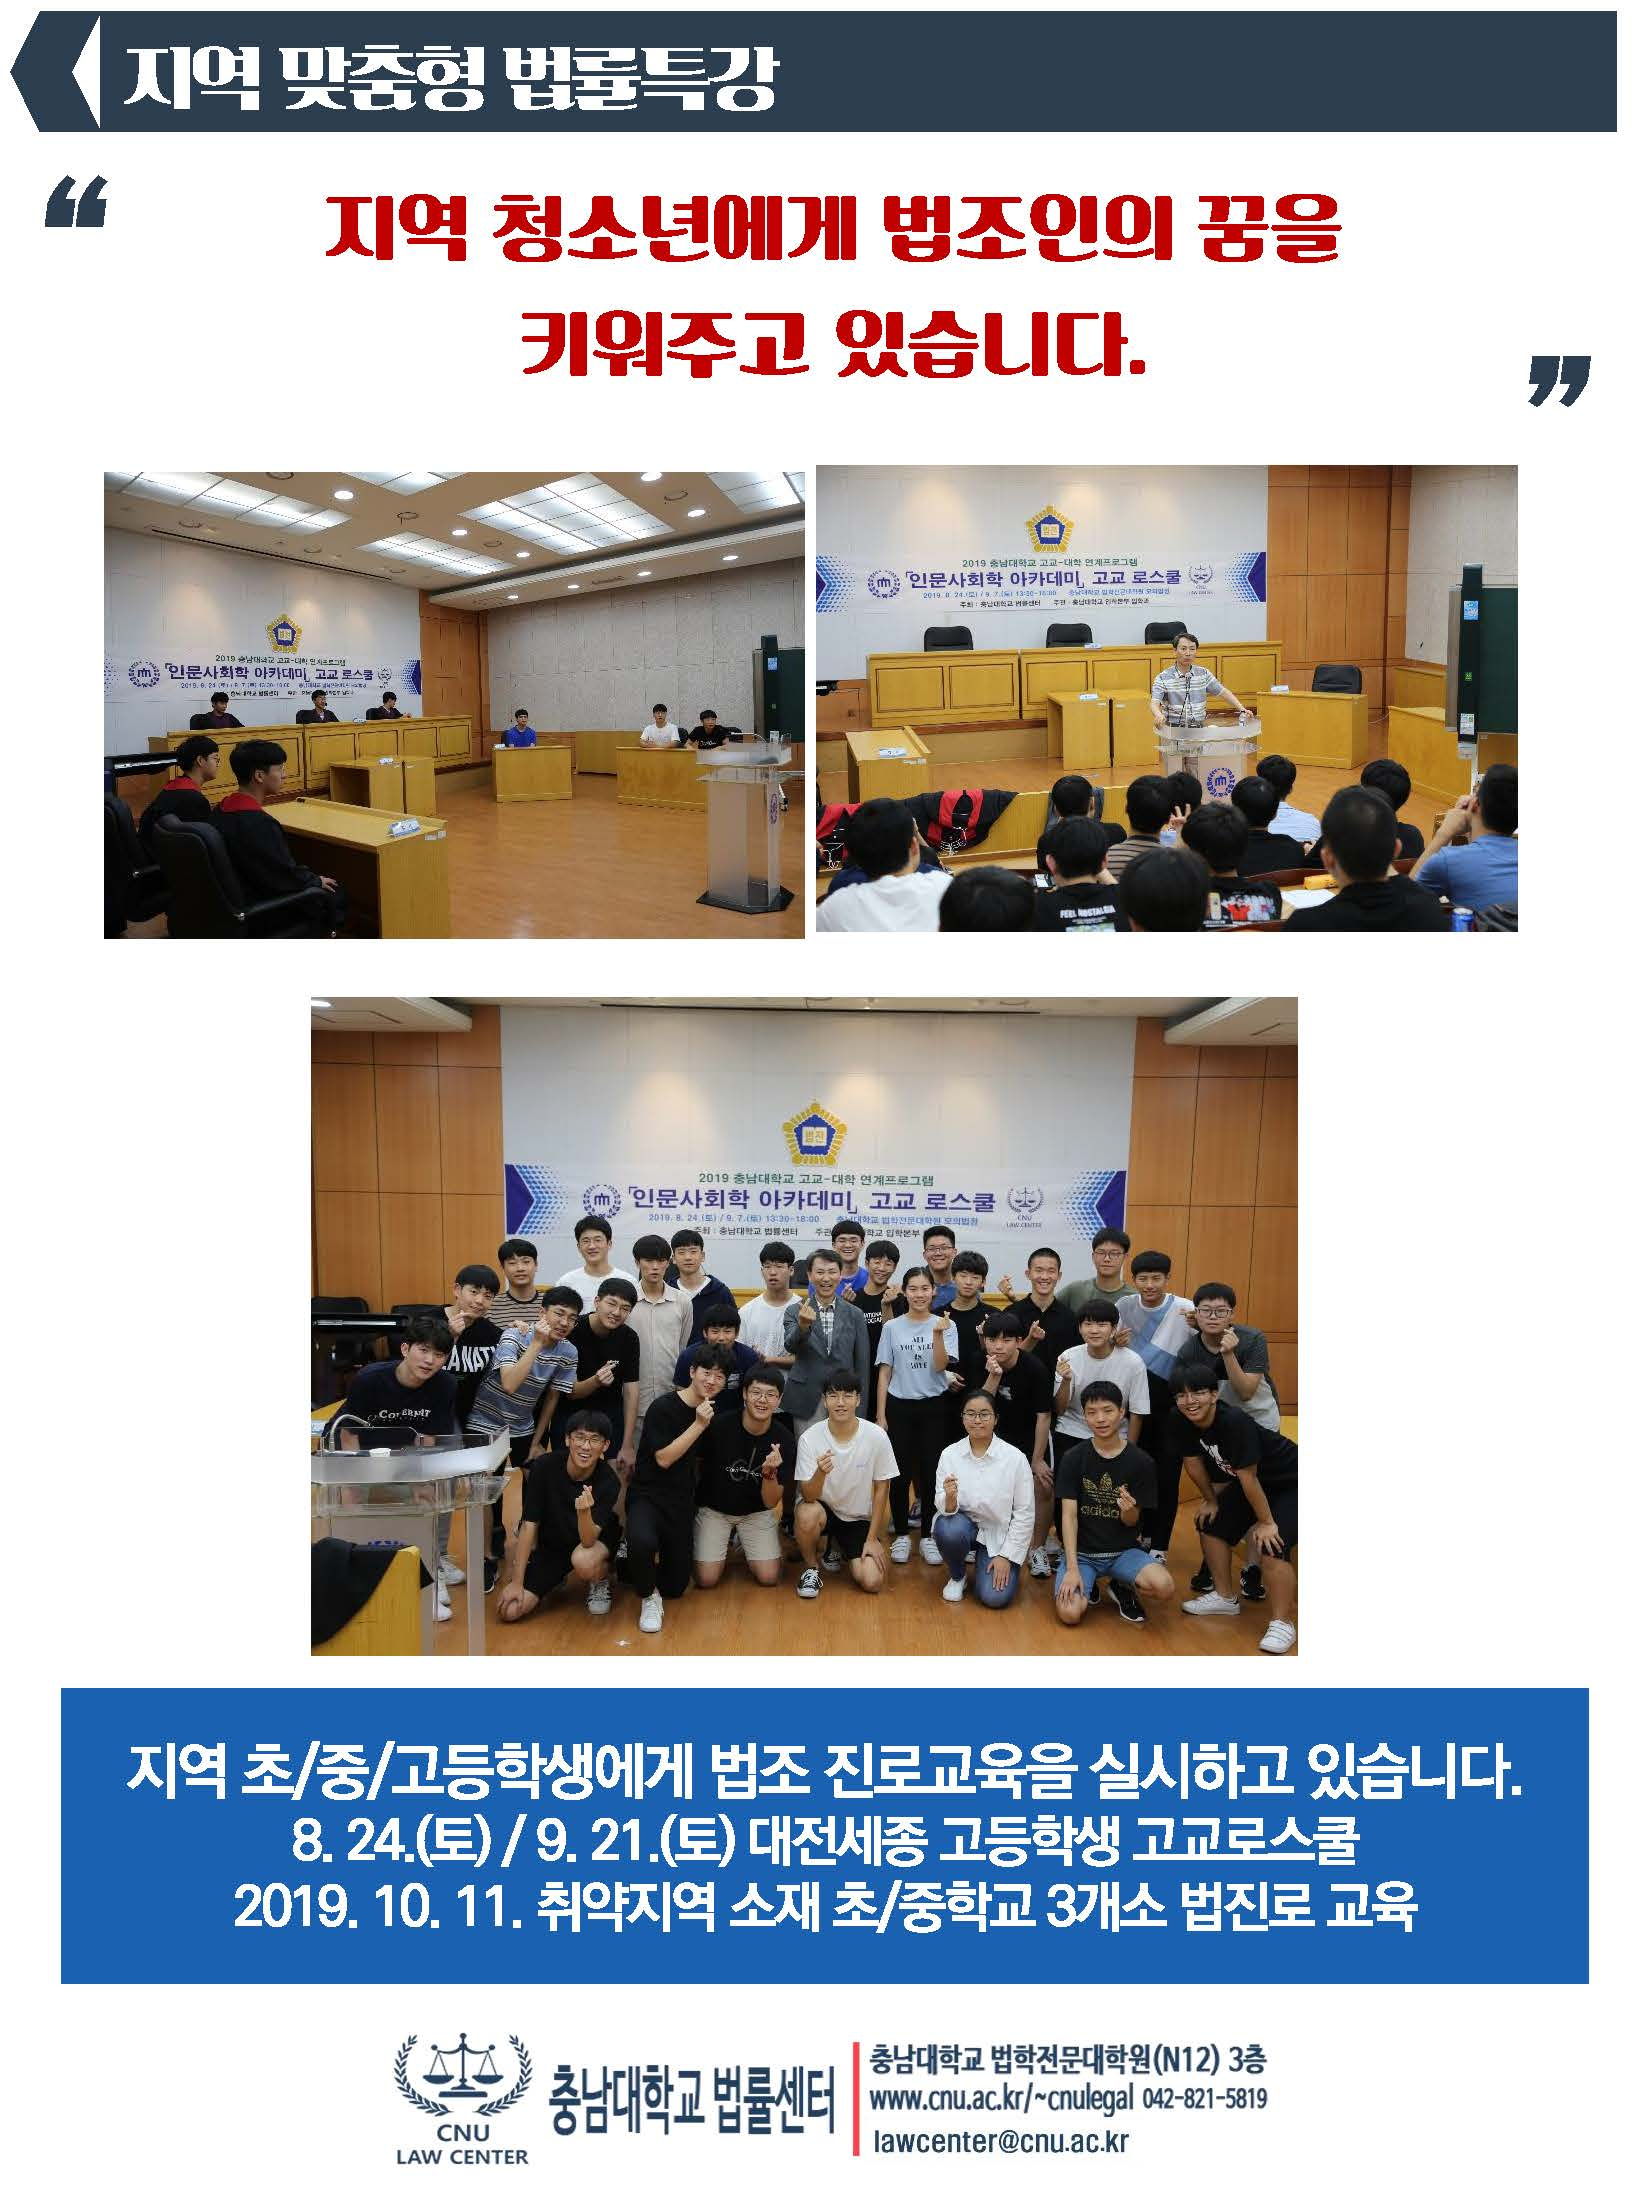 충남대학교 법률센터 홍보자료_페이지_08.jpg